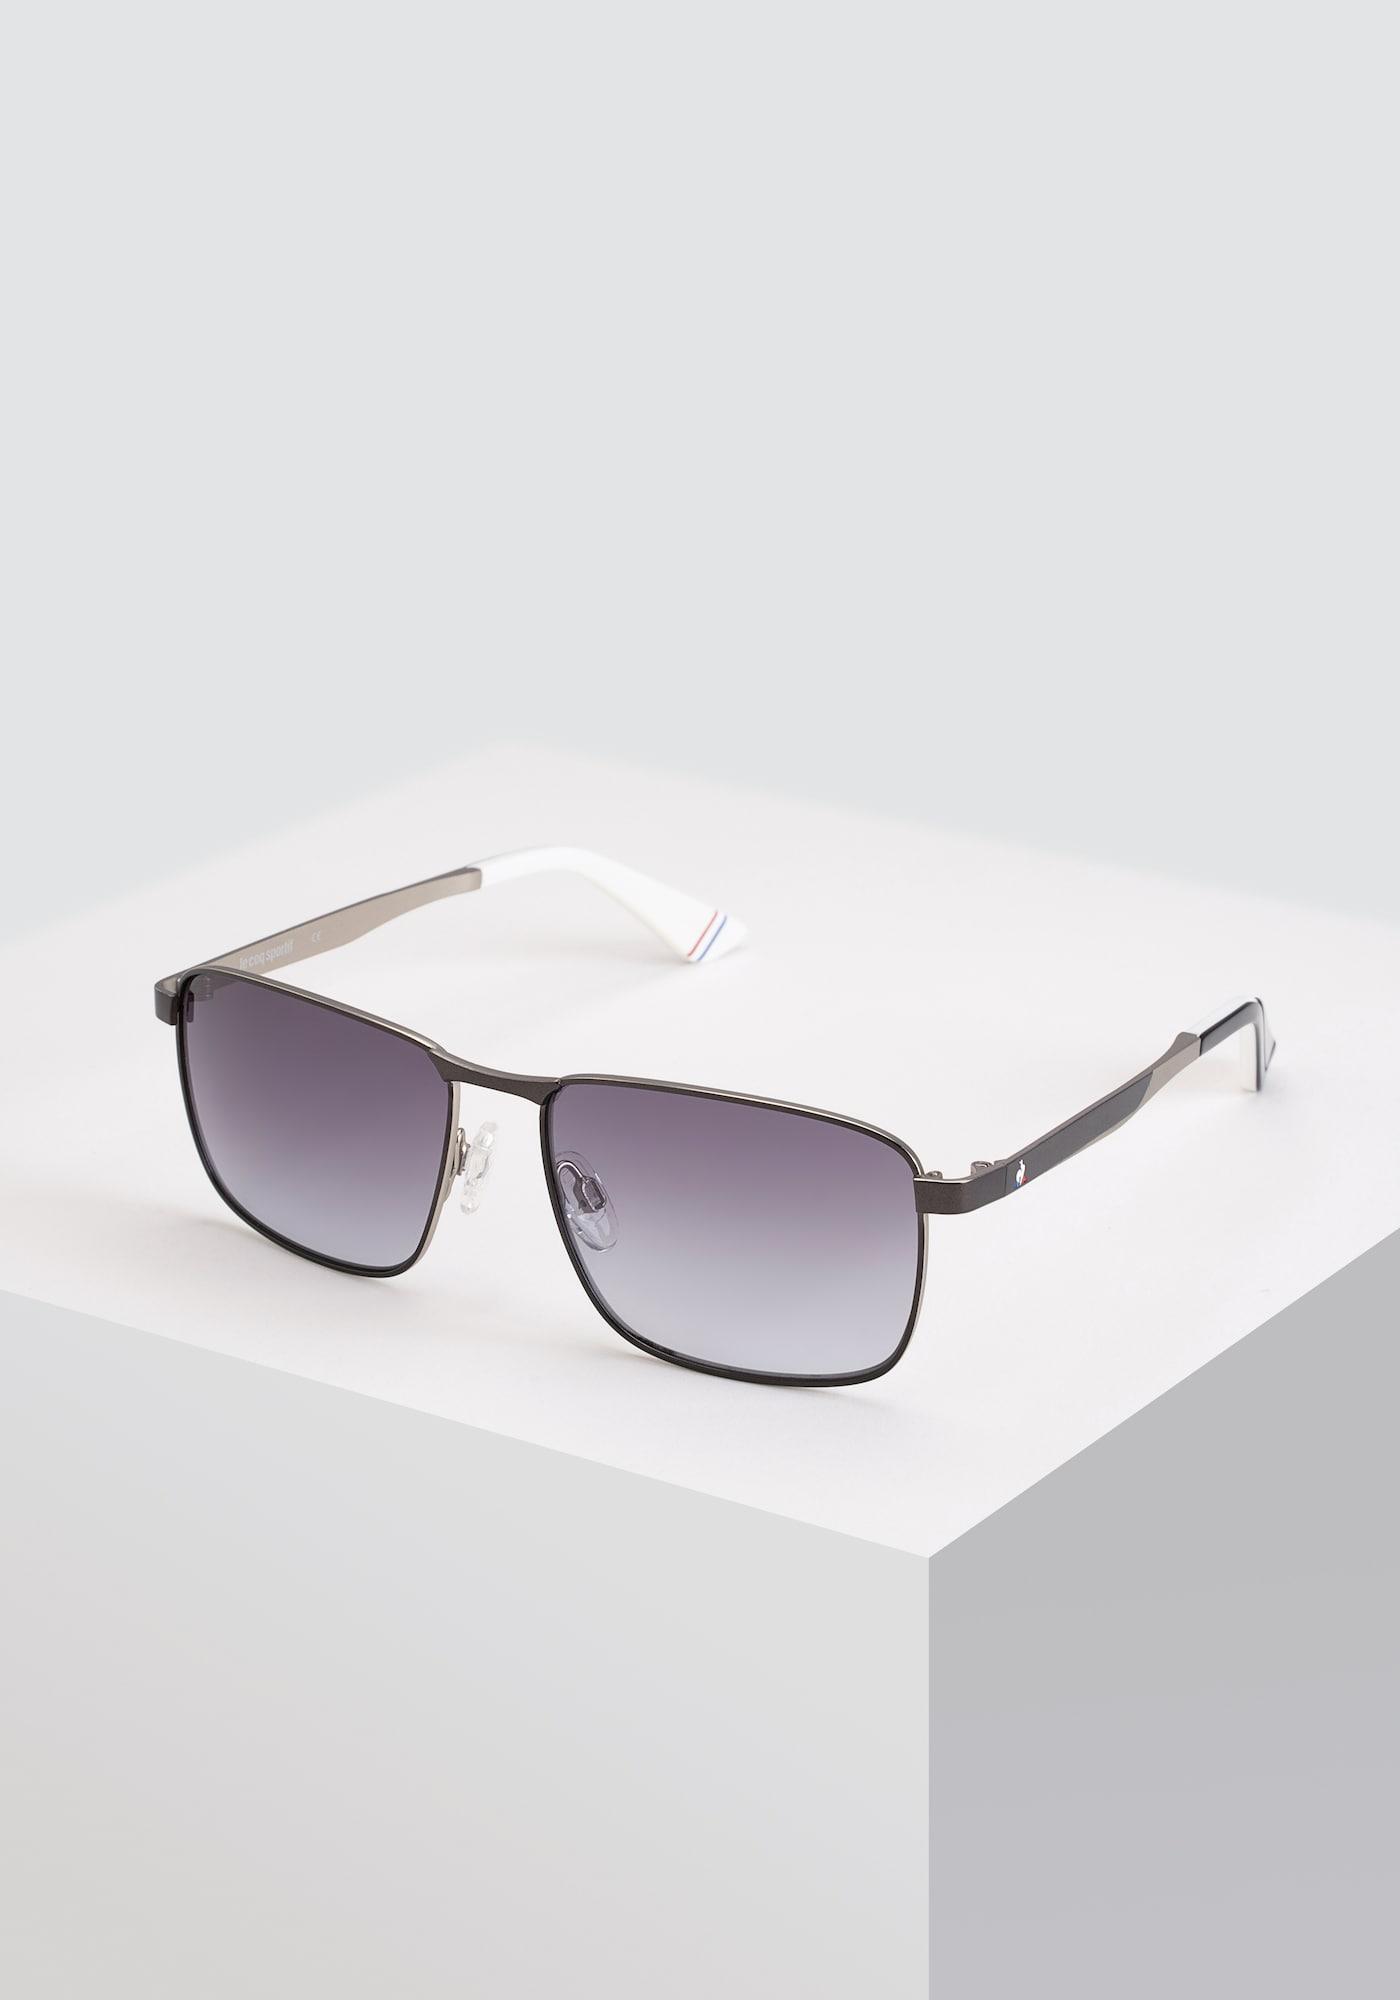 le coq sportif - Sonnenbrille 'LCS8013A 119'